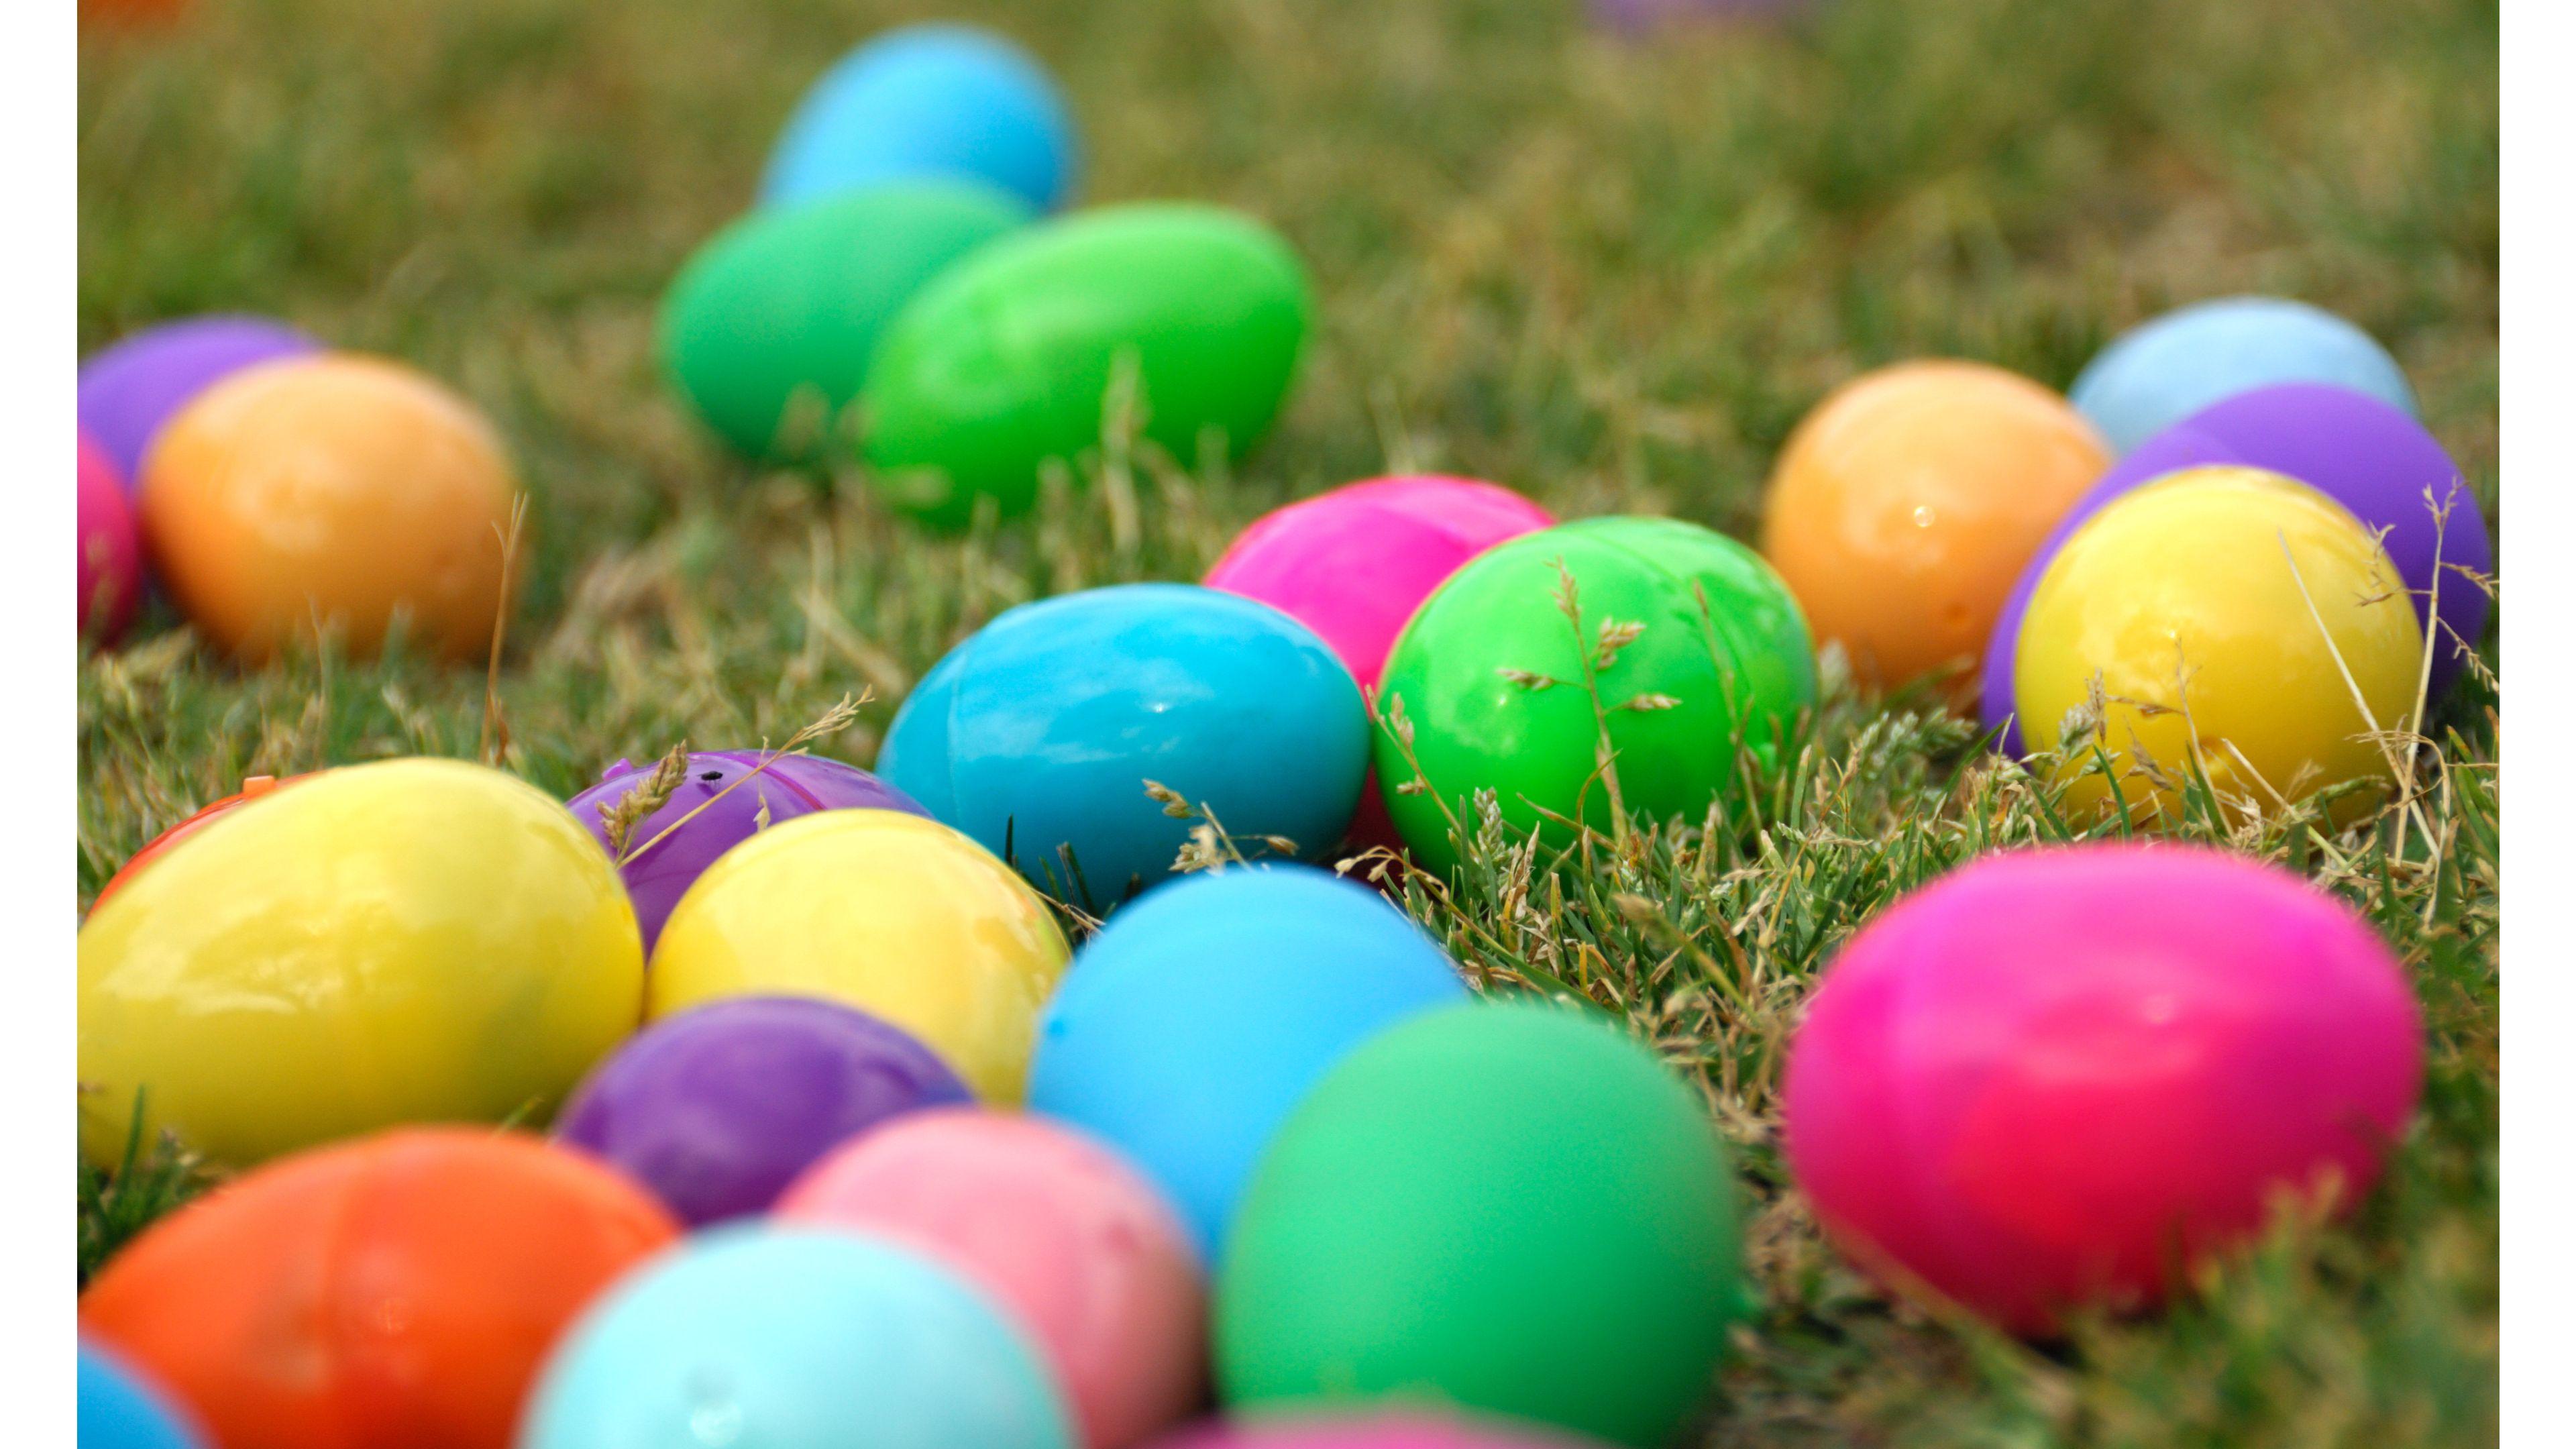 Colorful Eggs Easter 4K Wallpaper 4K Wallpaper 3840x2160